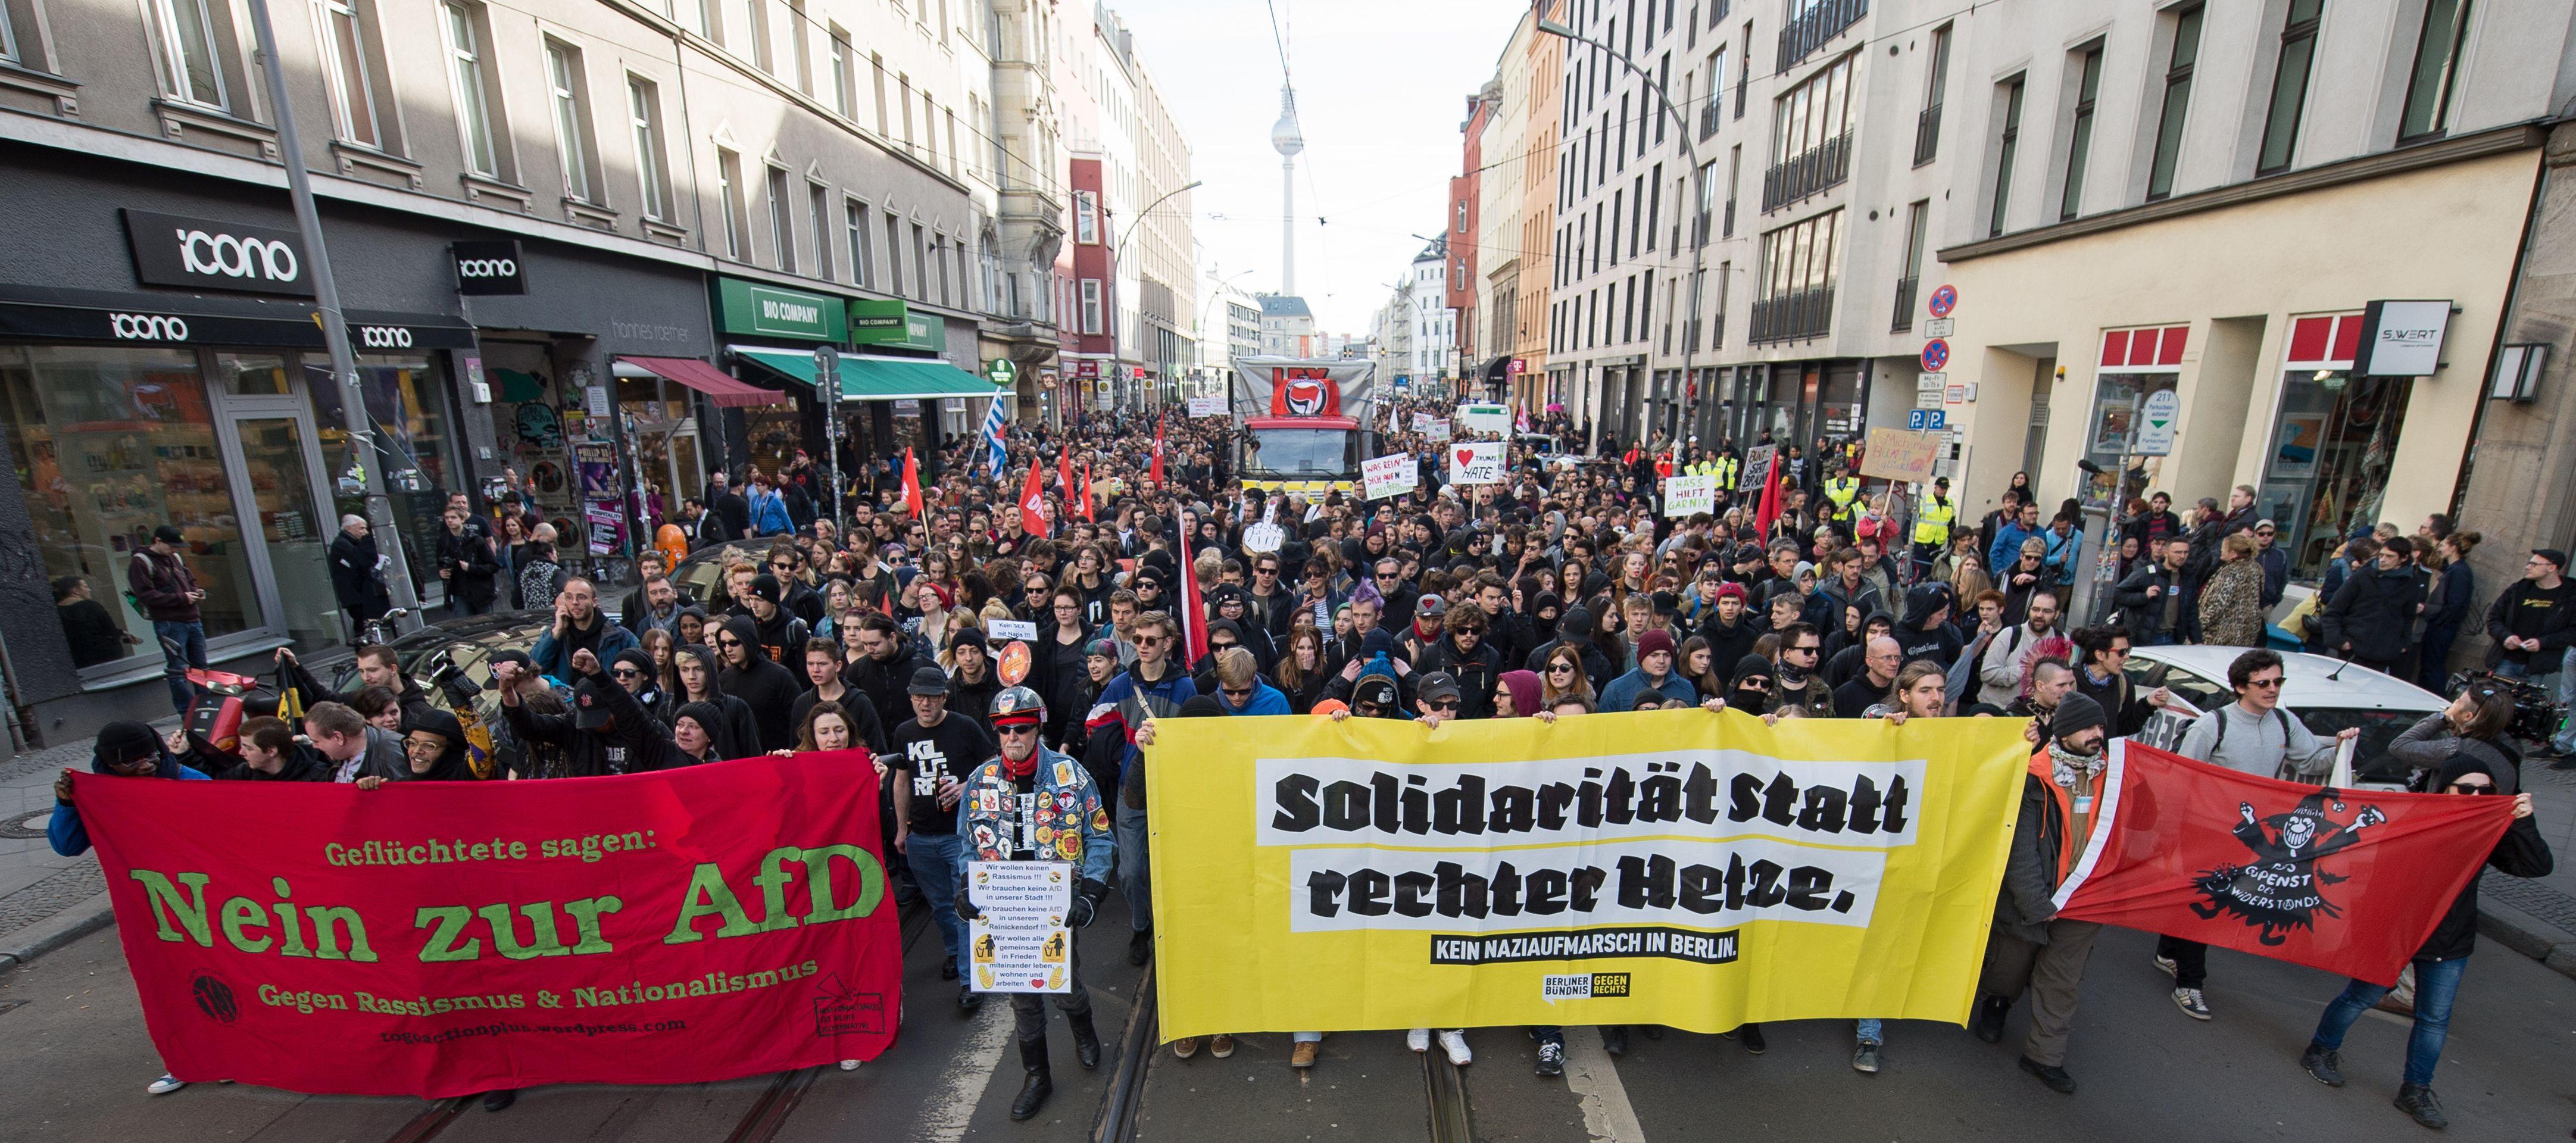 Desno-populistička AfD bilježi u Njemačkoj stalan pad popularnosti